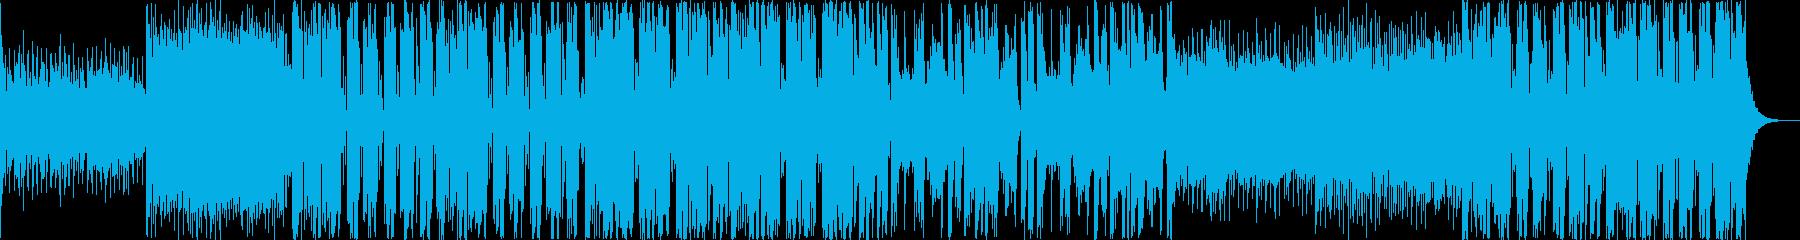 おしゃれなフューチャーベース EDMの再生済みの波形